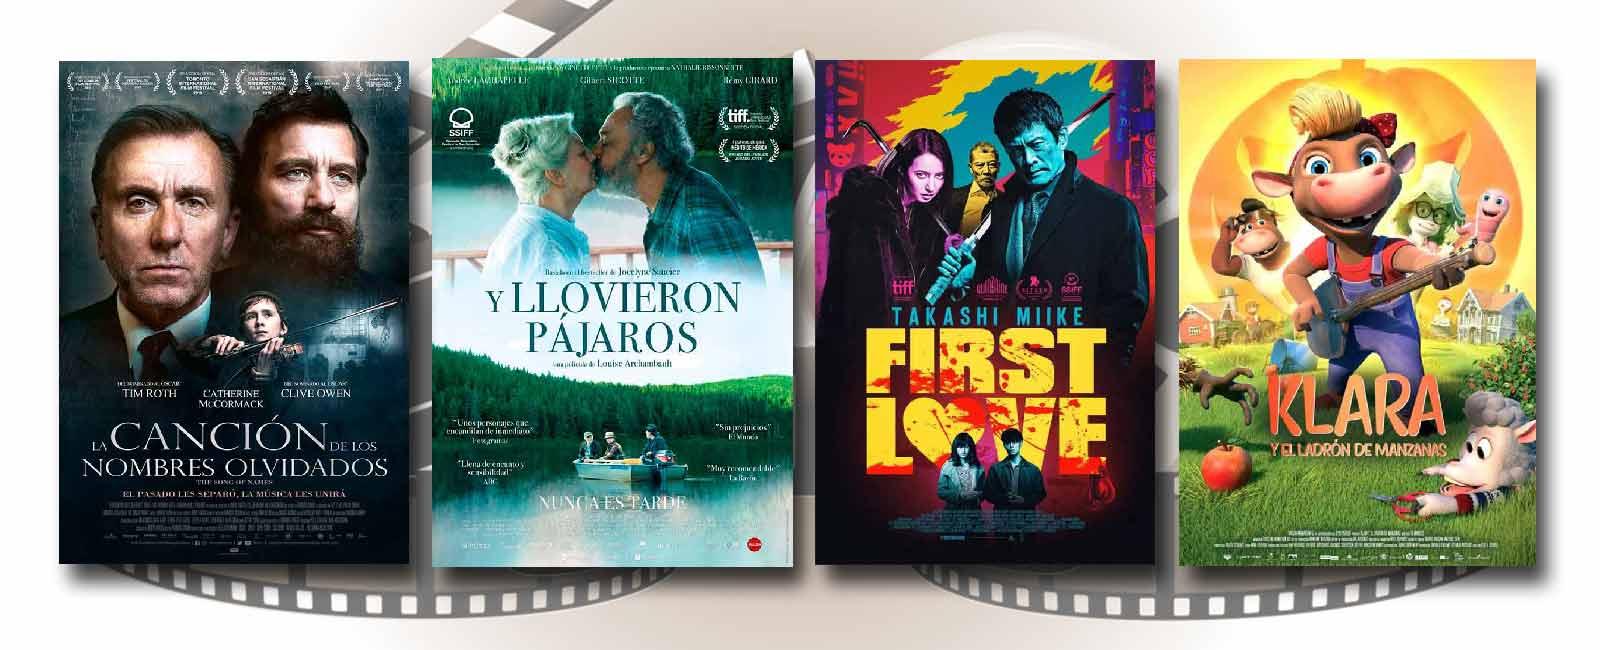 Estrenos de Cine de la Semana… 13 de Marzo 2020